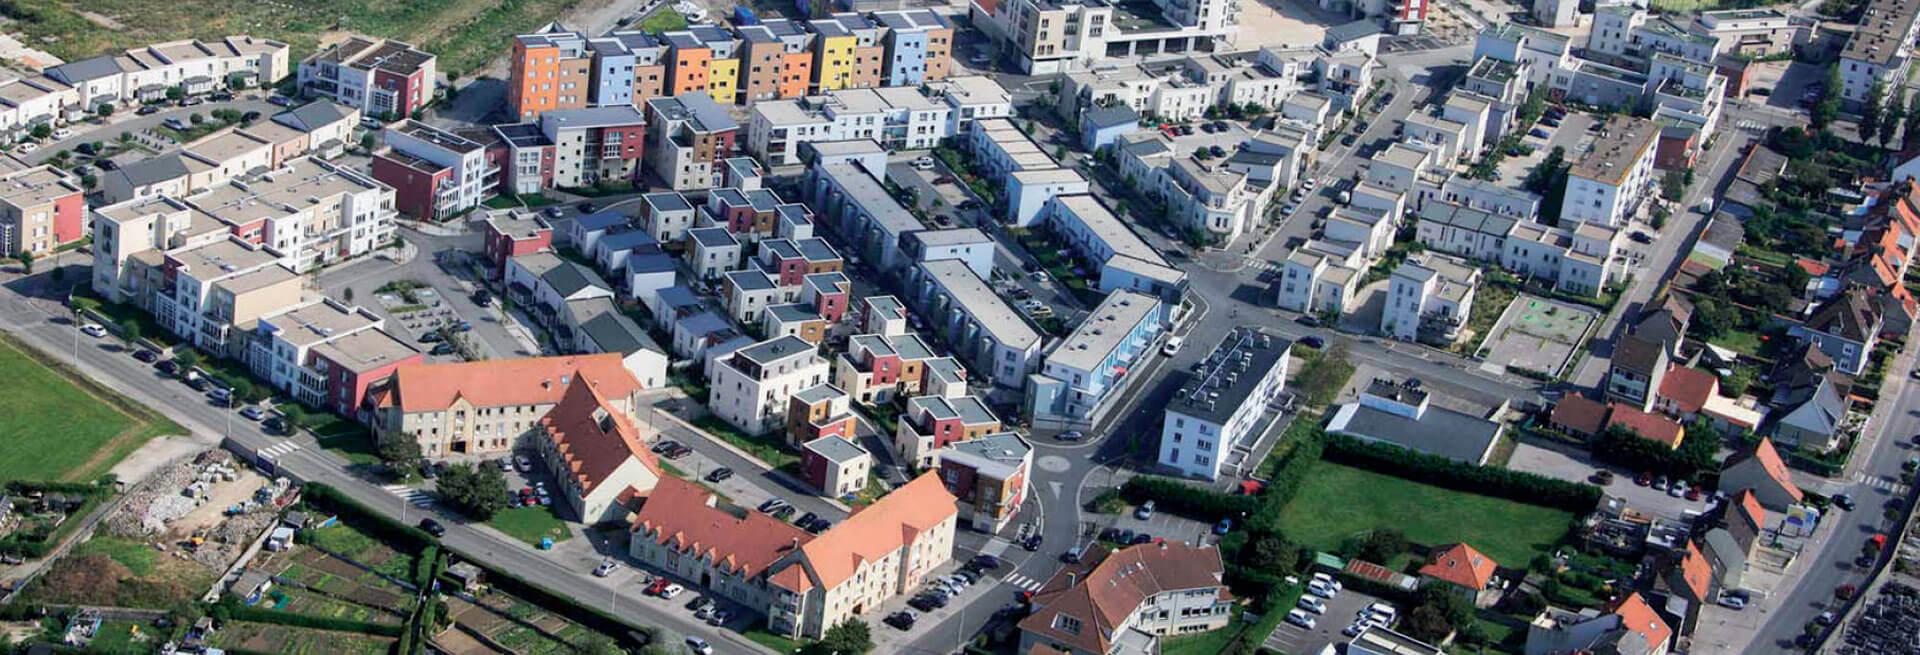 de rénovation urbaine